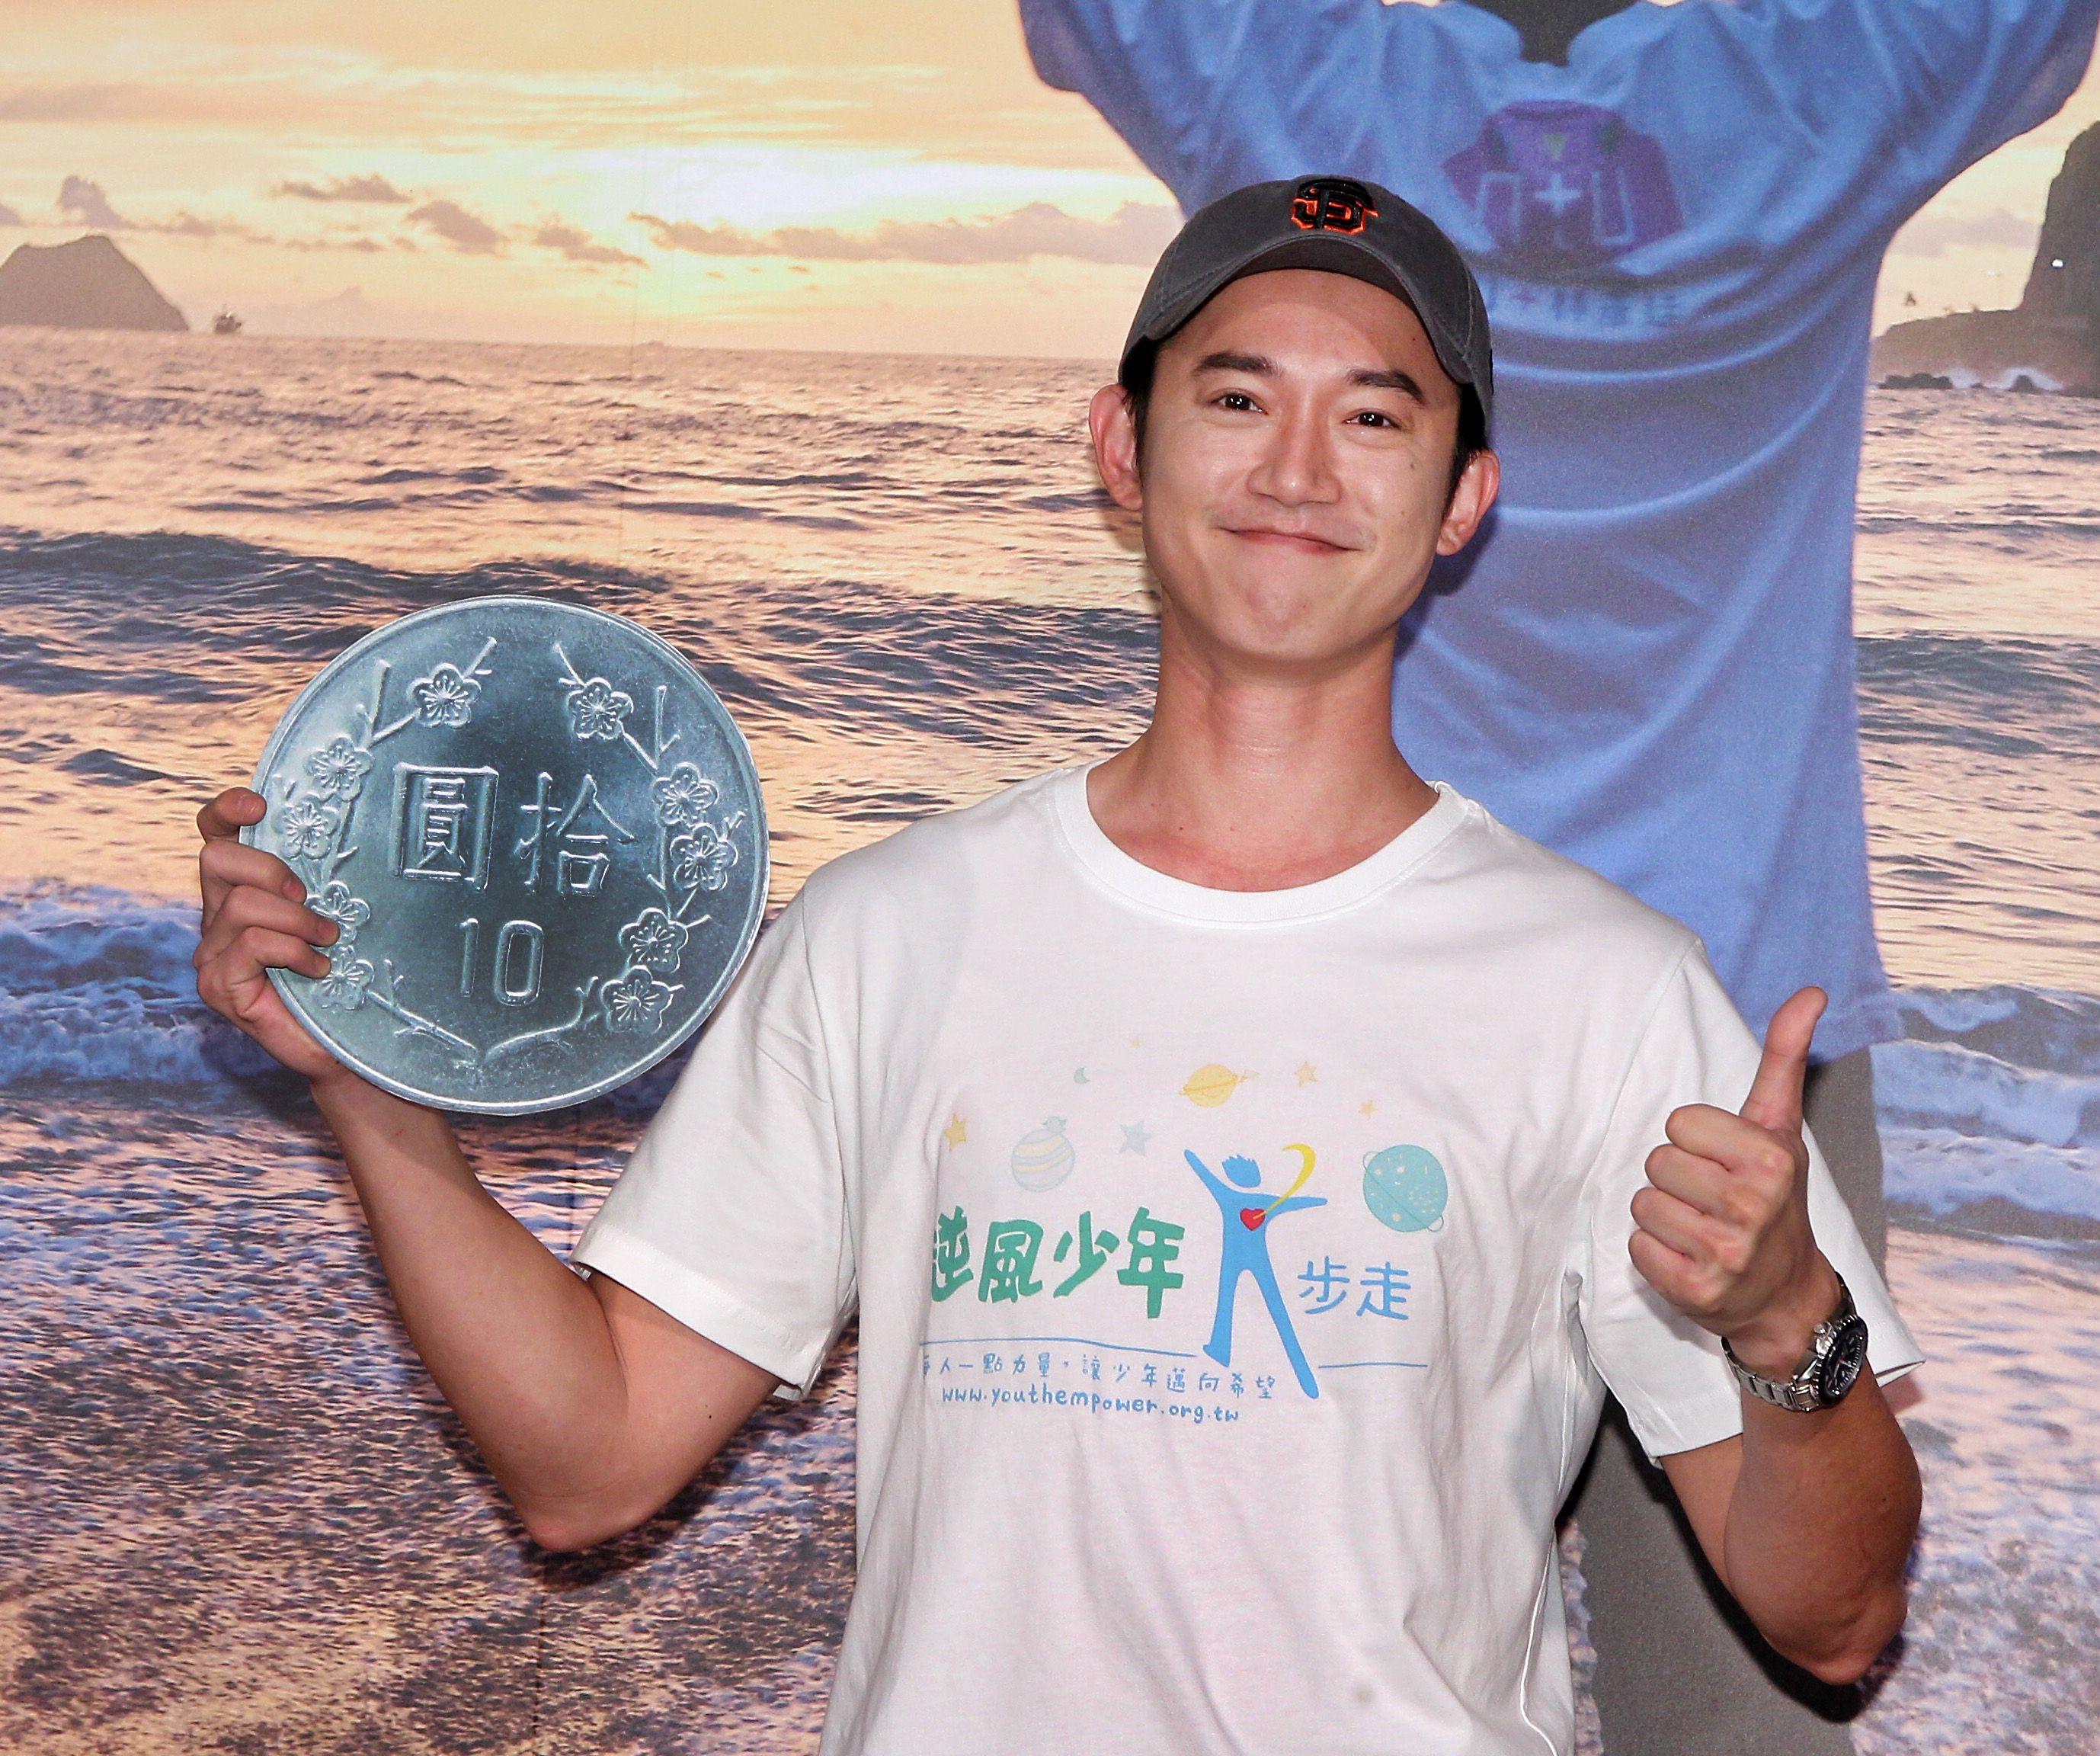 吳康仁響應公益幫助近4萬名逆風少年就學就業,完成夢想,為台灣青少年加油。(記者邱榮吉/攝影)